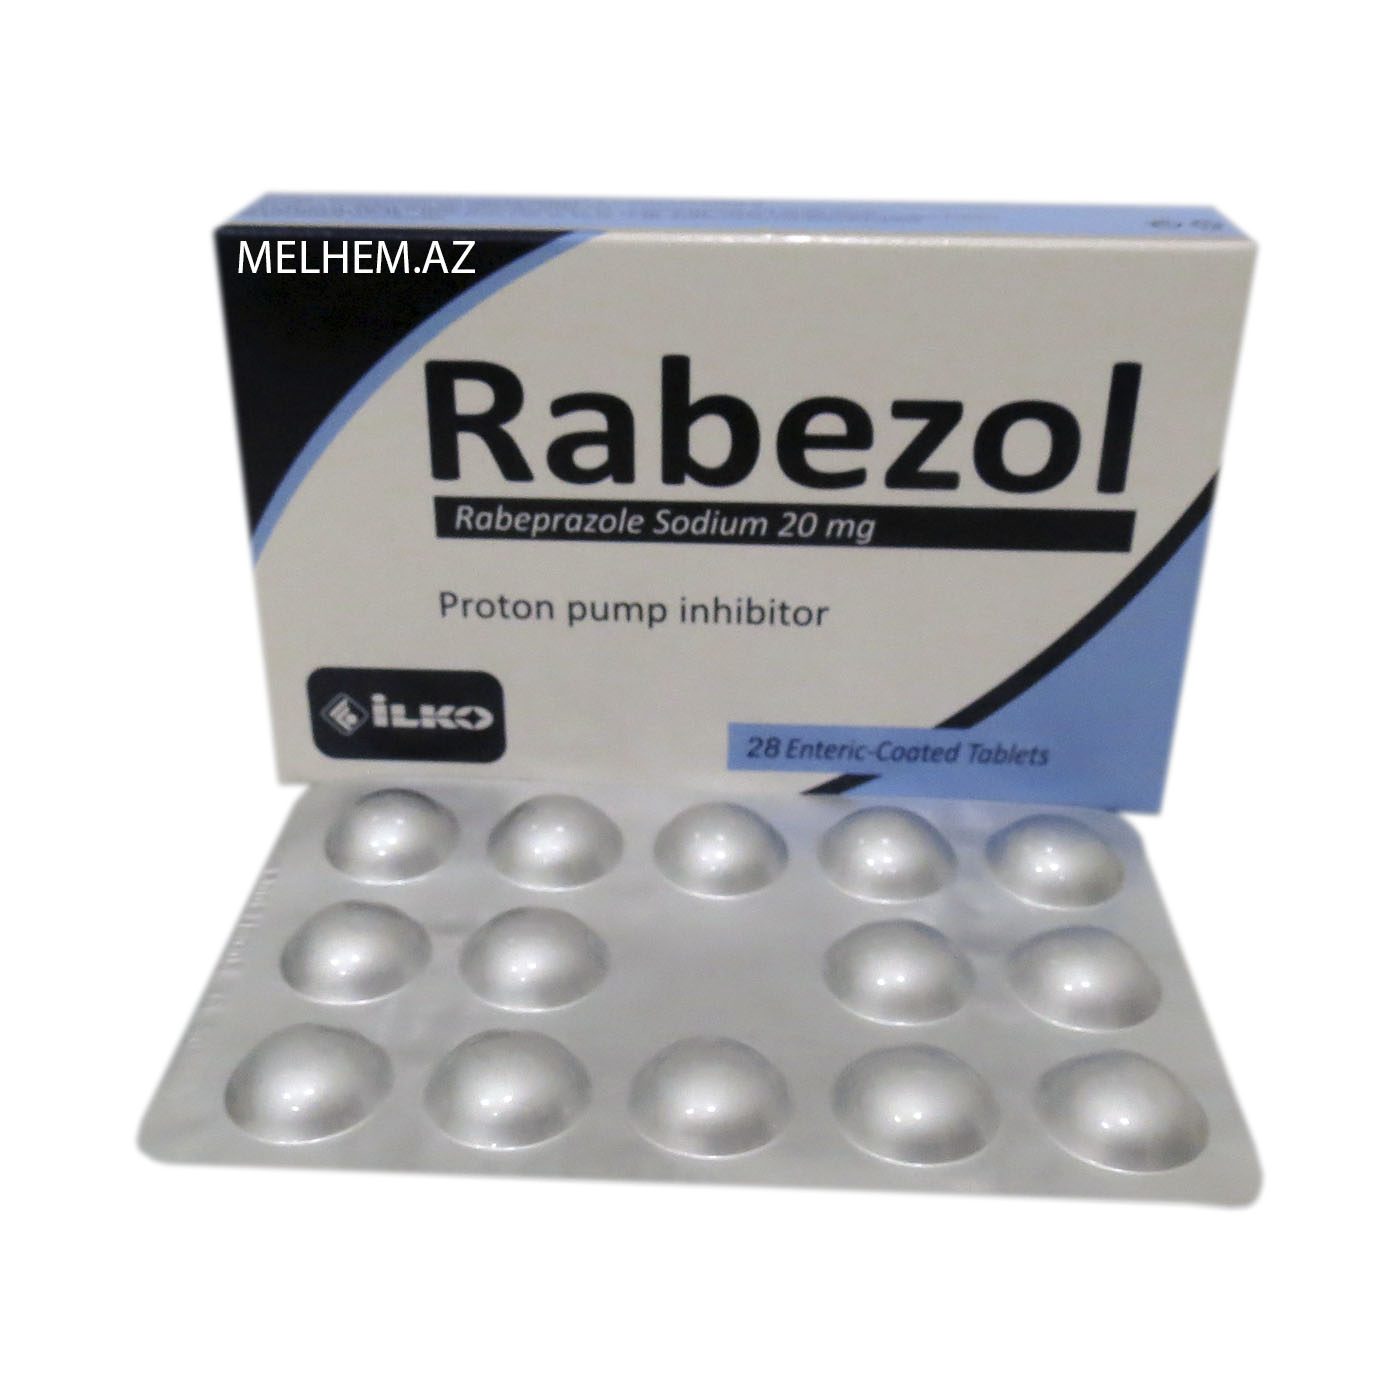 RABEZOL